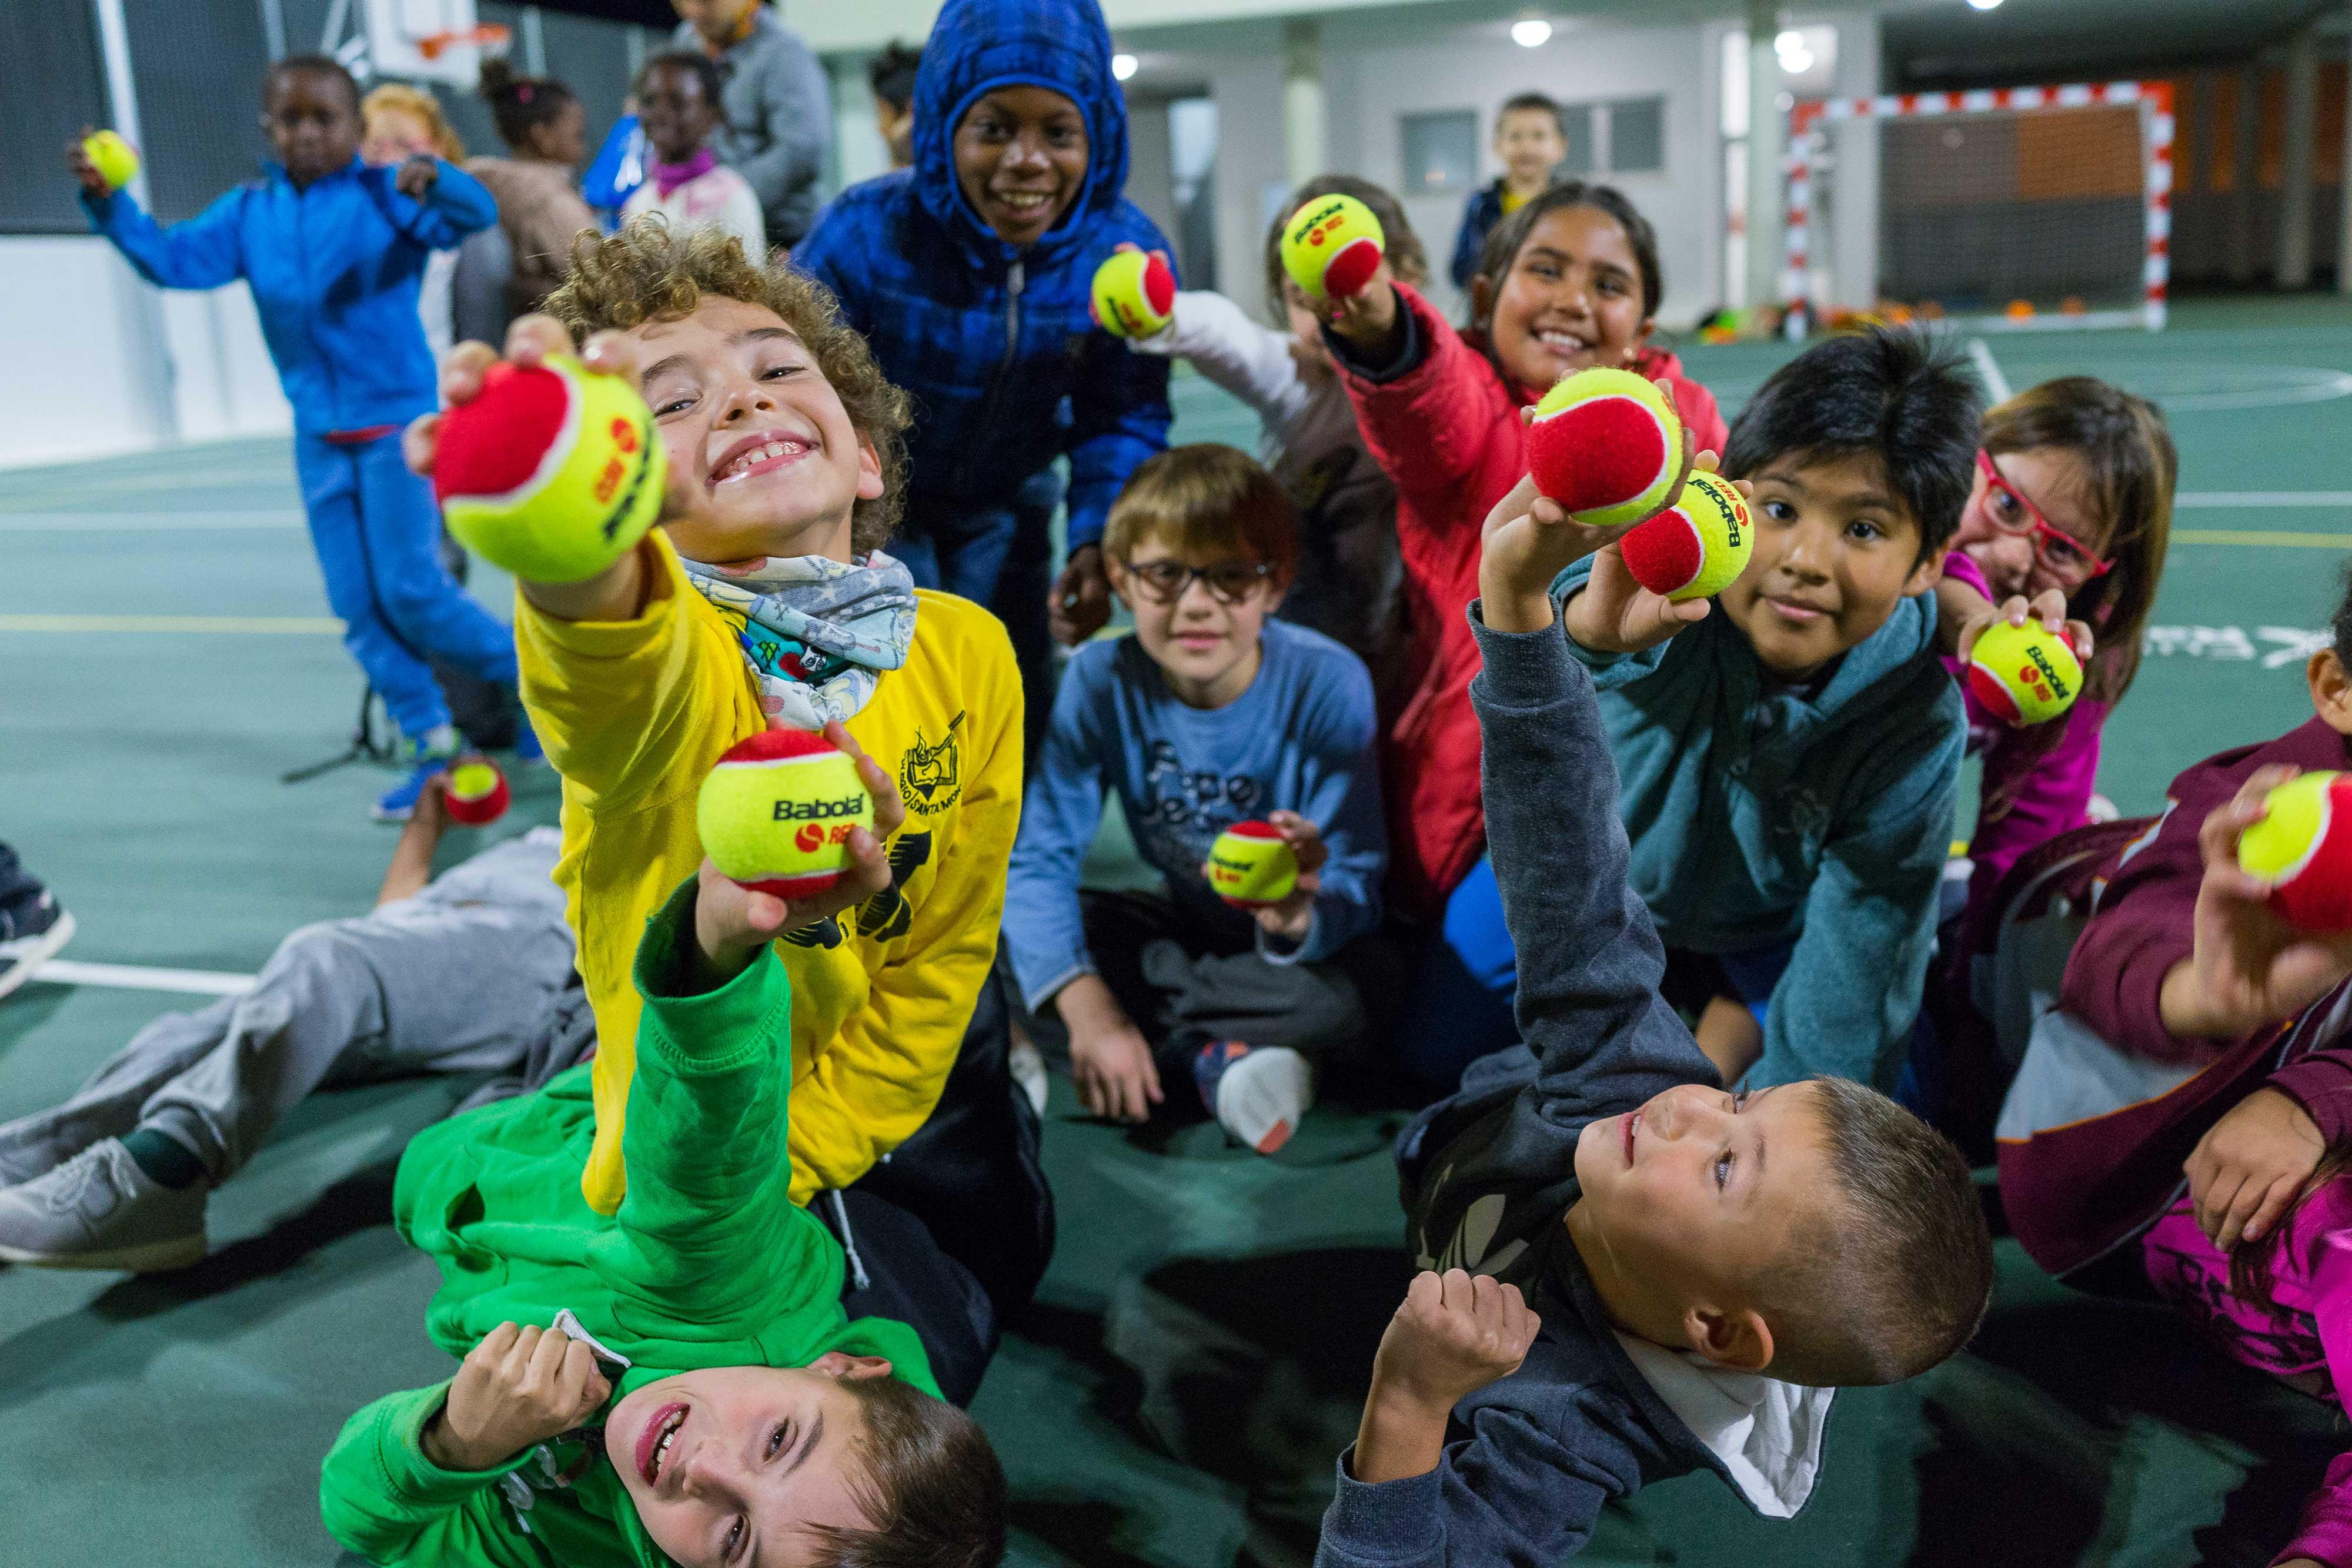 El Centro Fundación Rafa Nadal atiende a niños y jóvenes de los barrios más desfavorecidos de Palma de Mallorca.